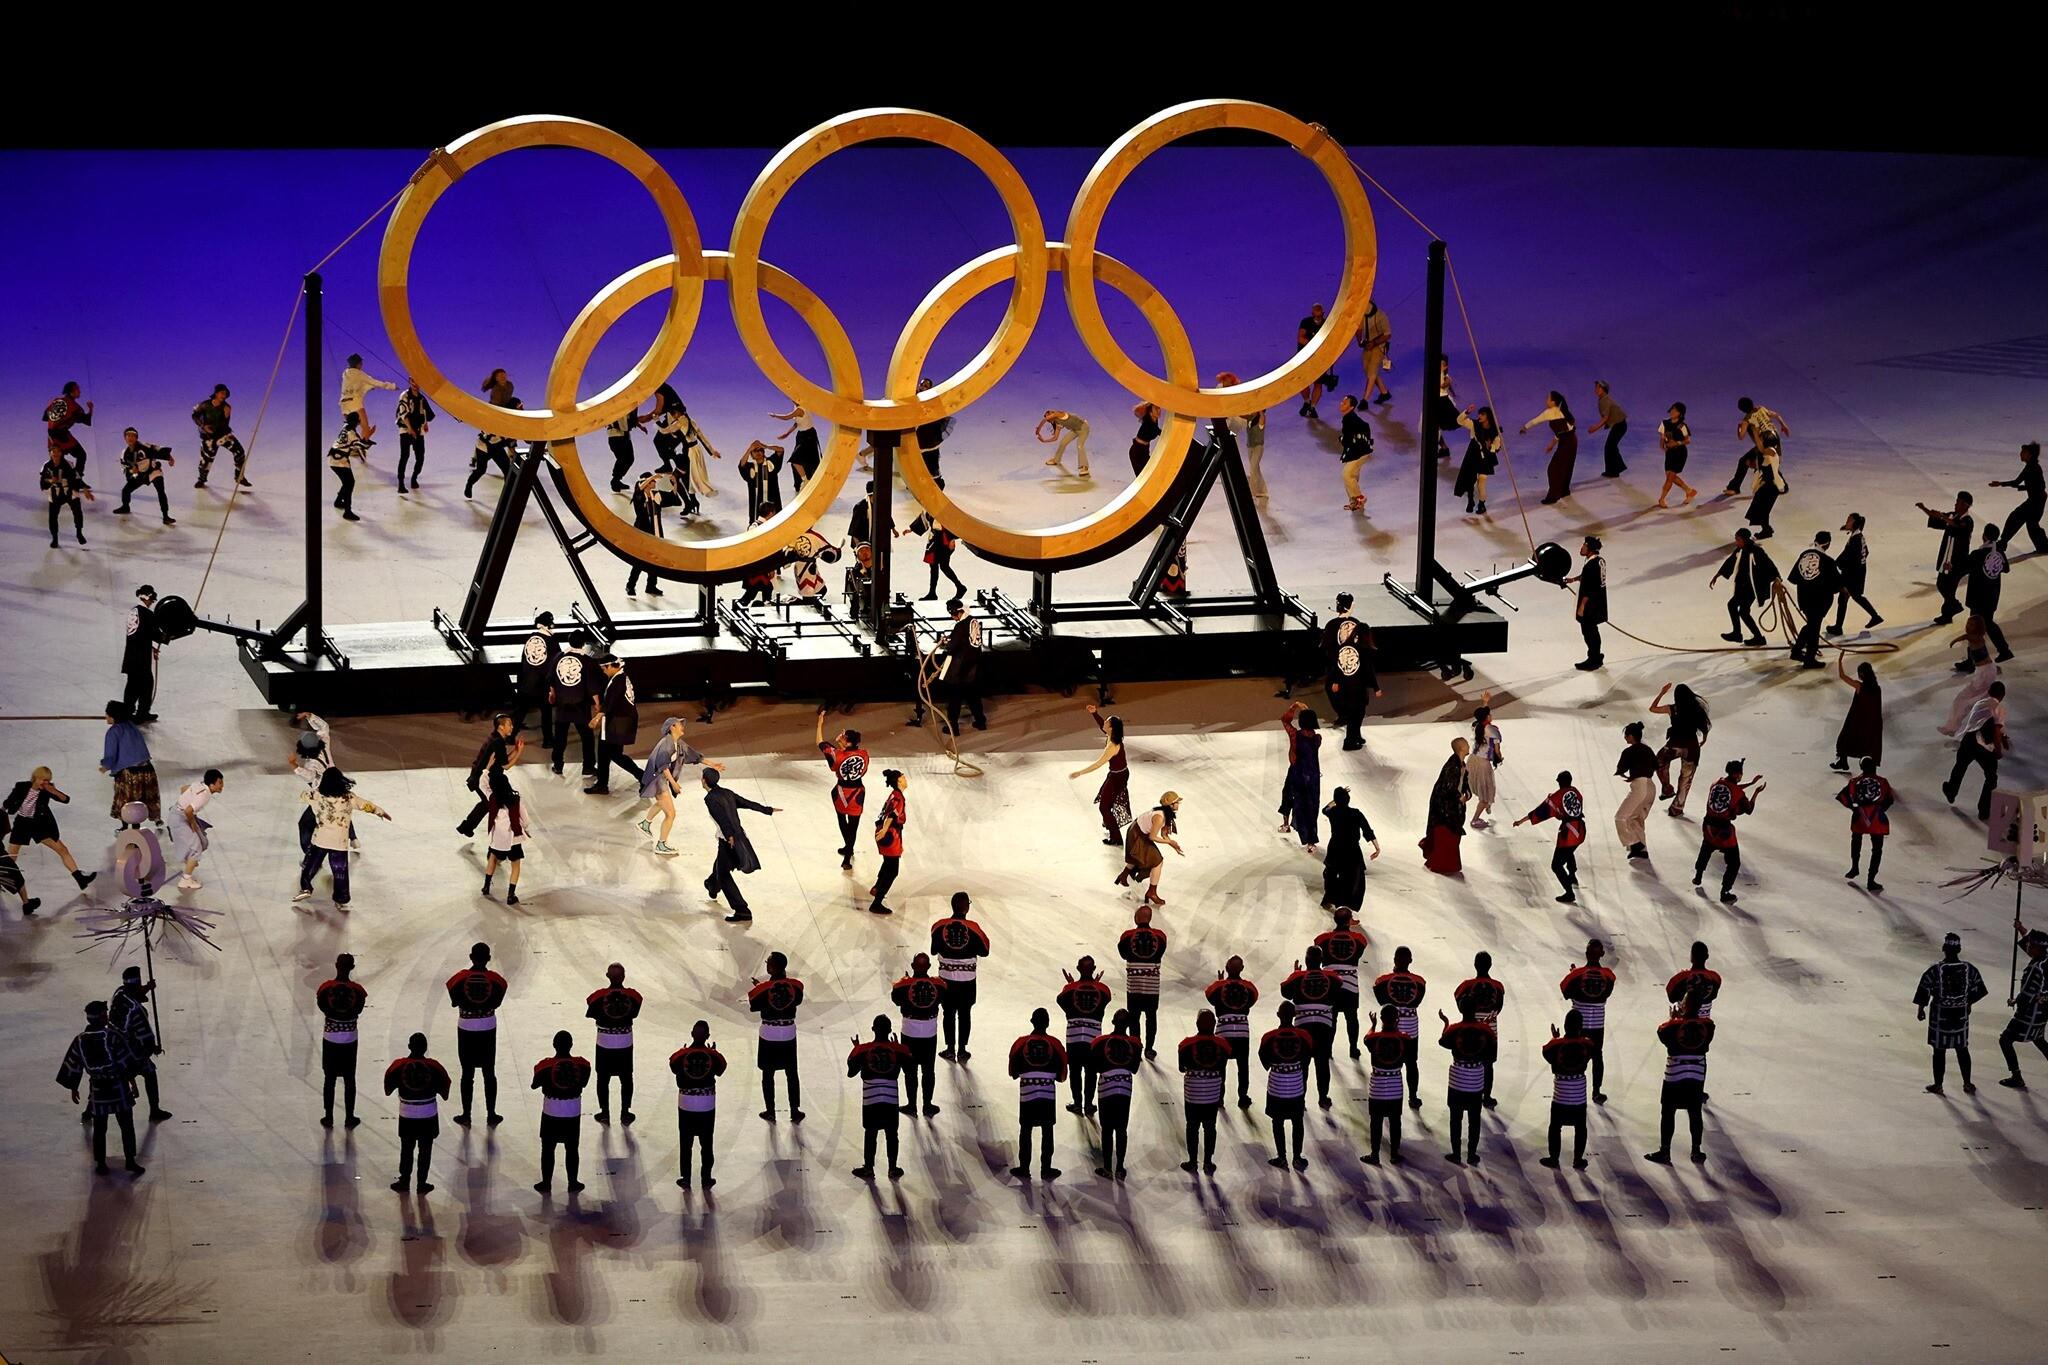 รวมความหลากหลายของดนตรีในโอลิมปิกเกมส์โตเกียว 2020